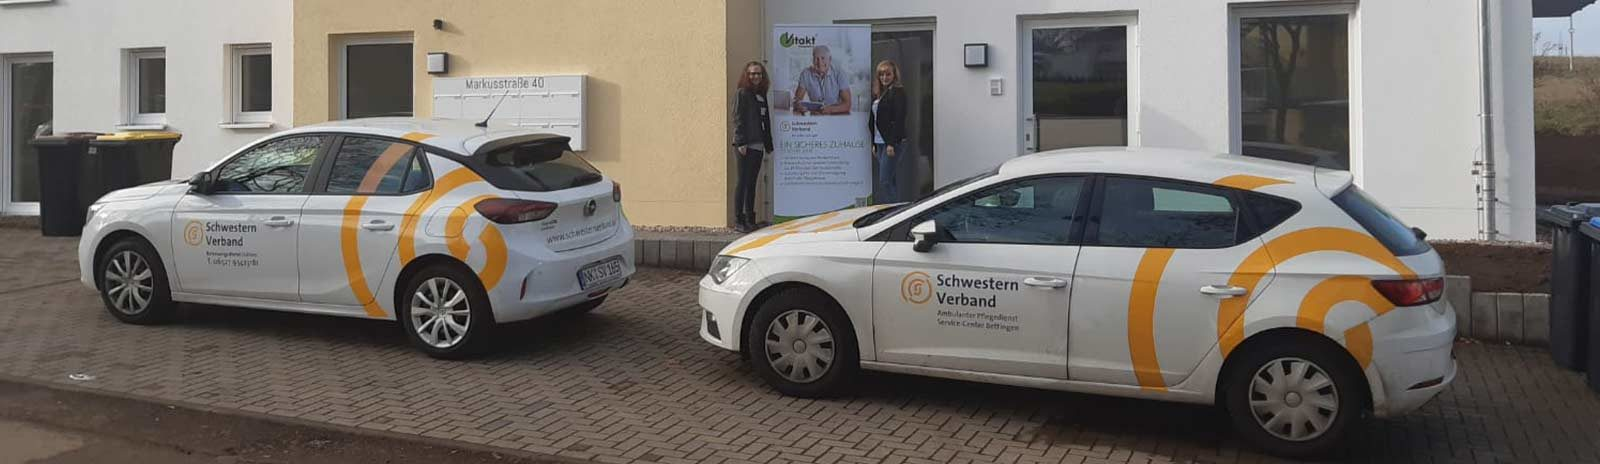 PM_Service-Wohnen_Dahlem_slider